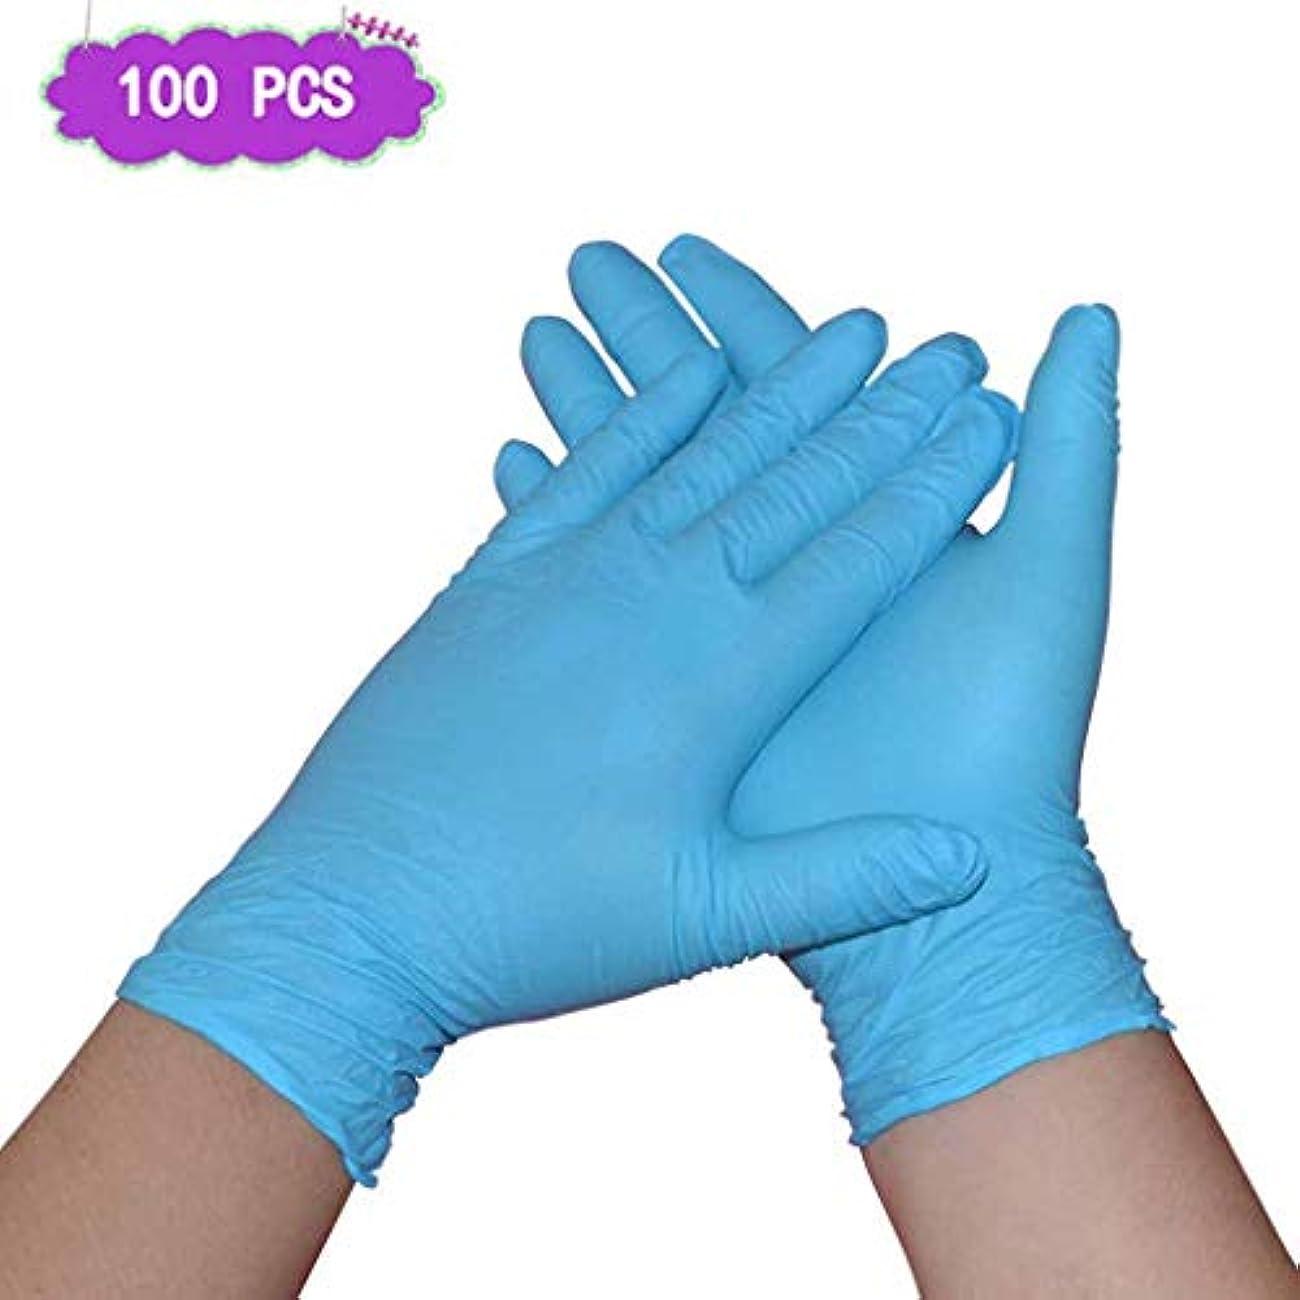 統治する私達揃えるニトリル手袋9インチ厚い青いラテックスゴム家事美防水酸とアルカリの義務試験手袋|病院、法執行機関向けのプロフェッショナルグレード (Size : L)